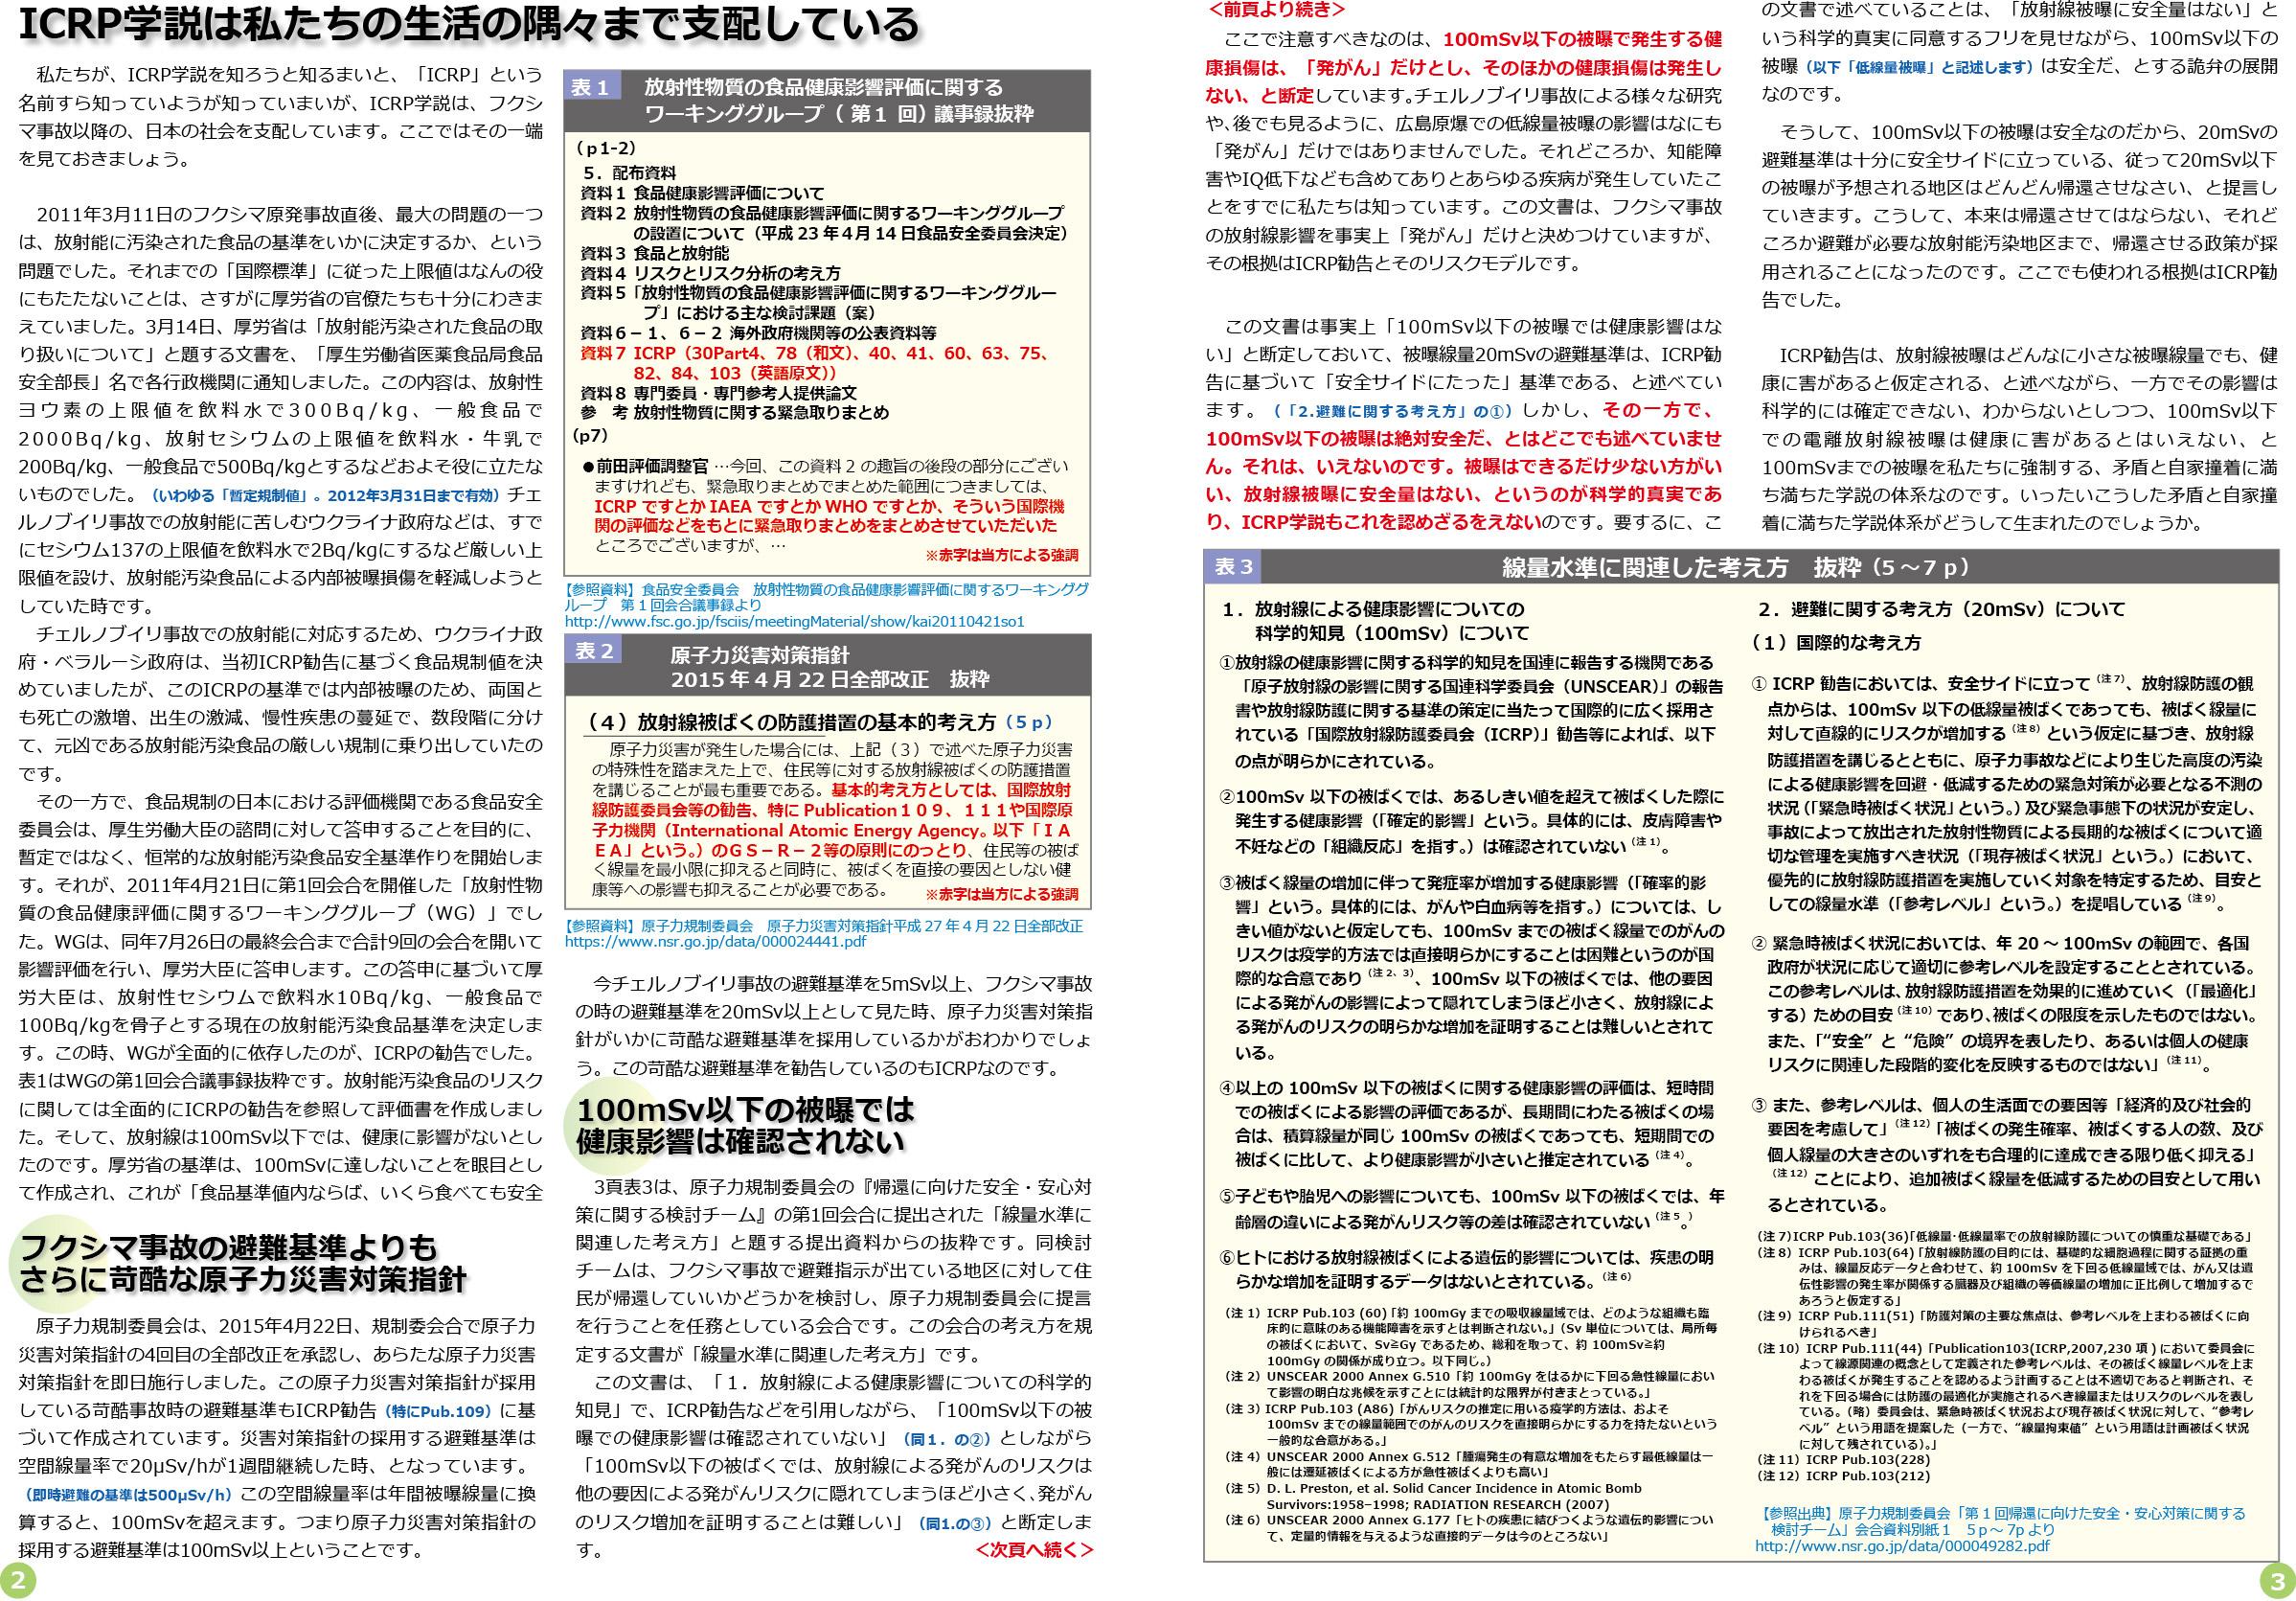 ファイル 418-2.jpg